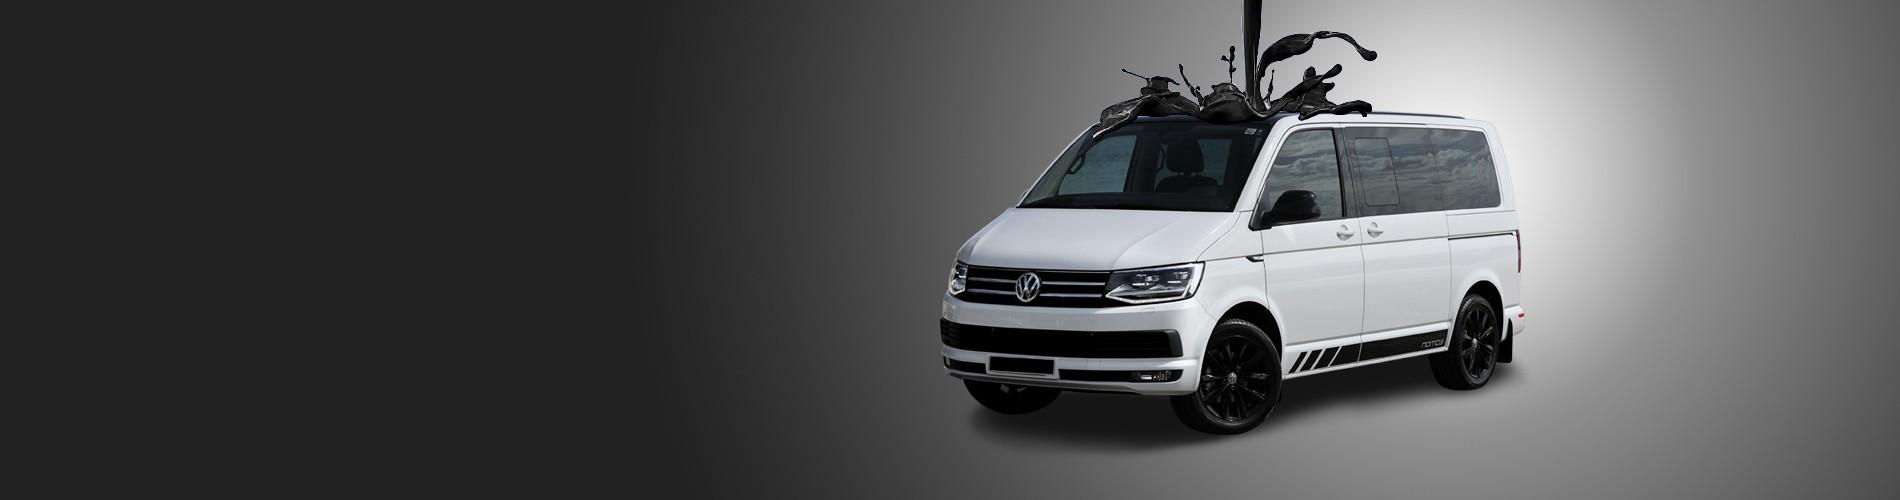 Ma Belle Voiture - Volkswagen decal